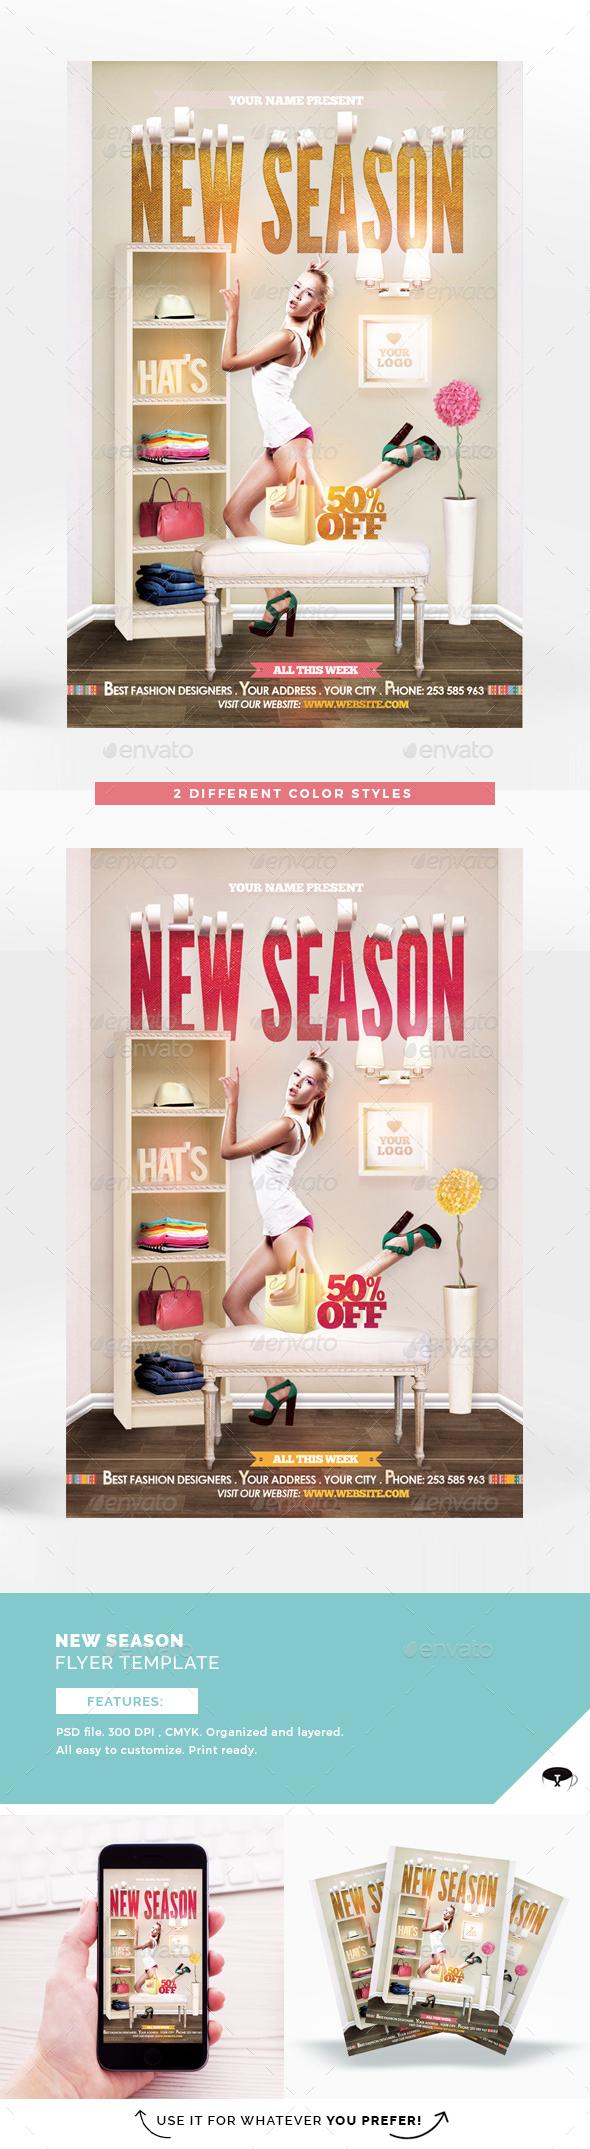 New Season Flyer Template - Flyers Print Templates